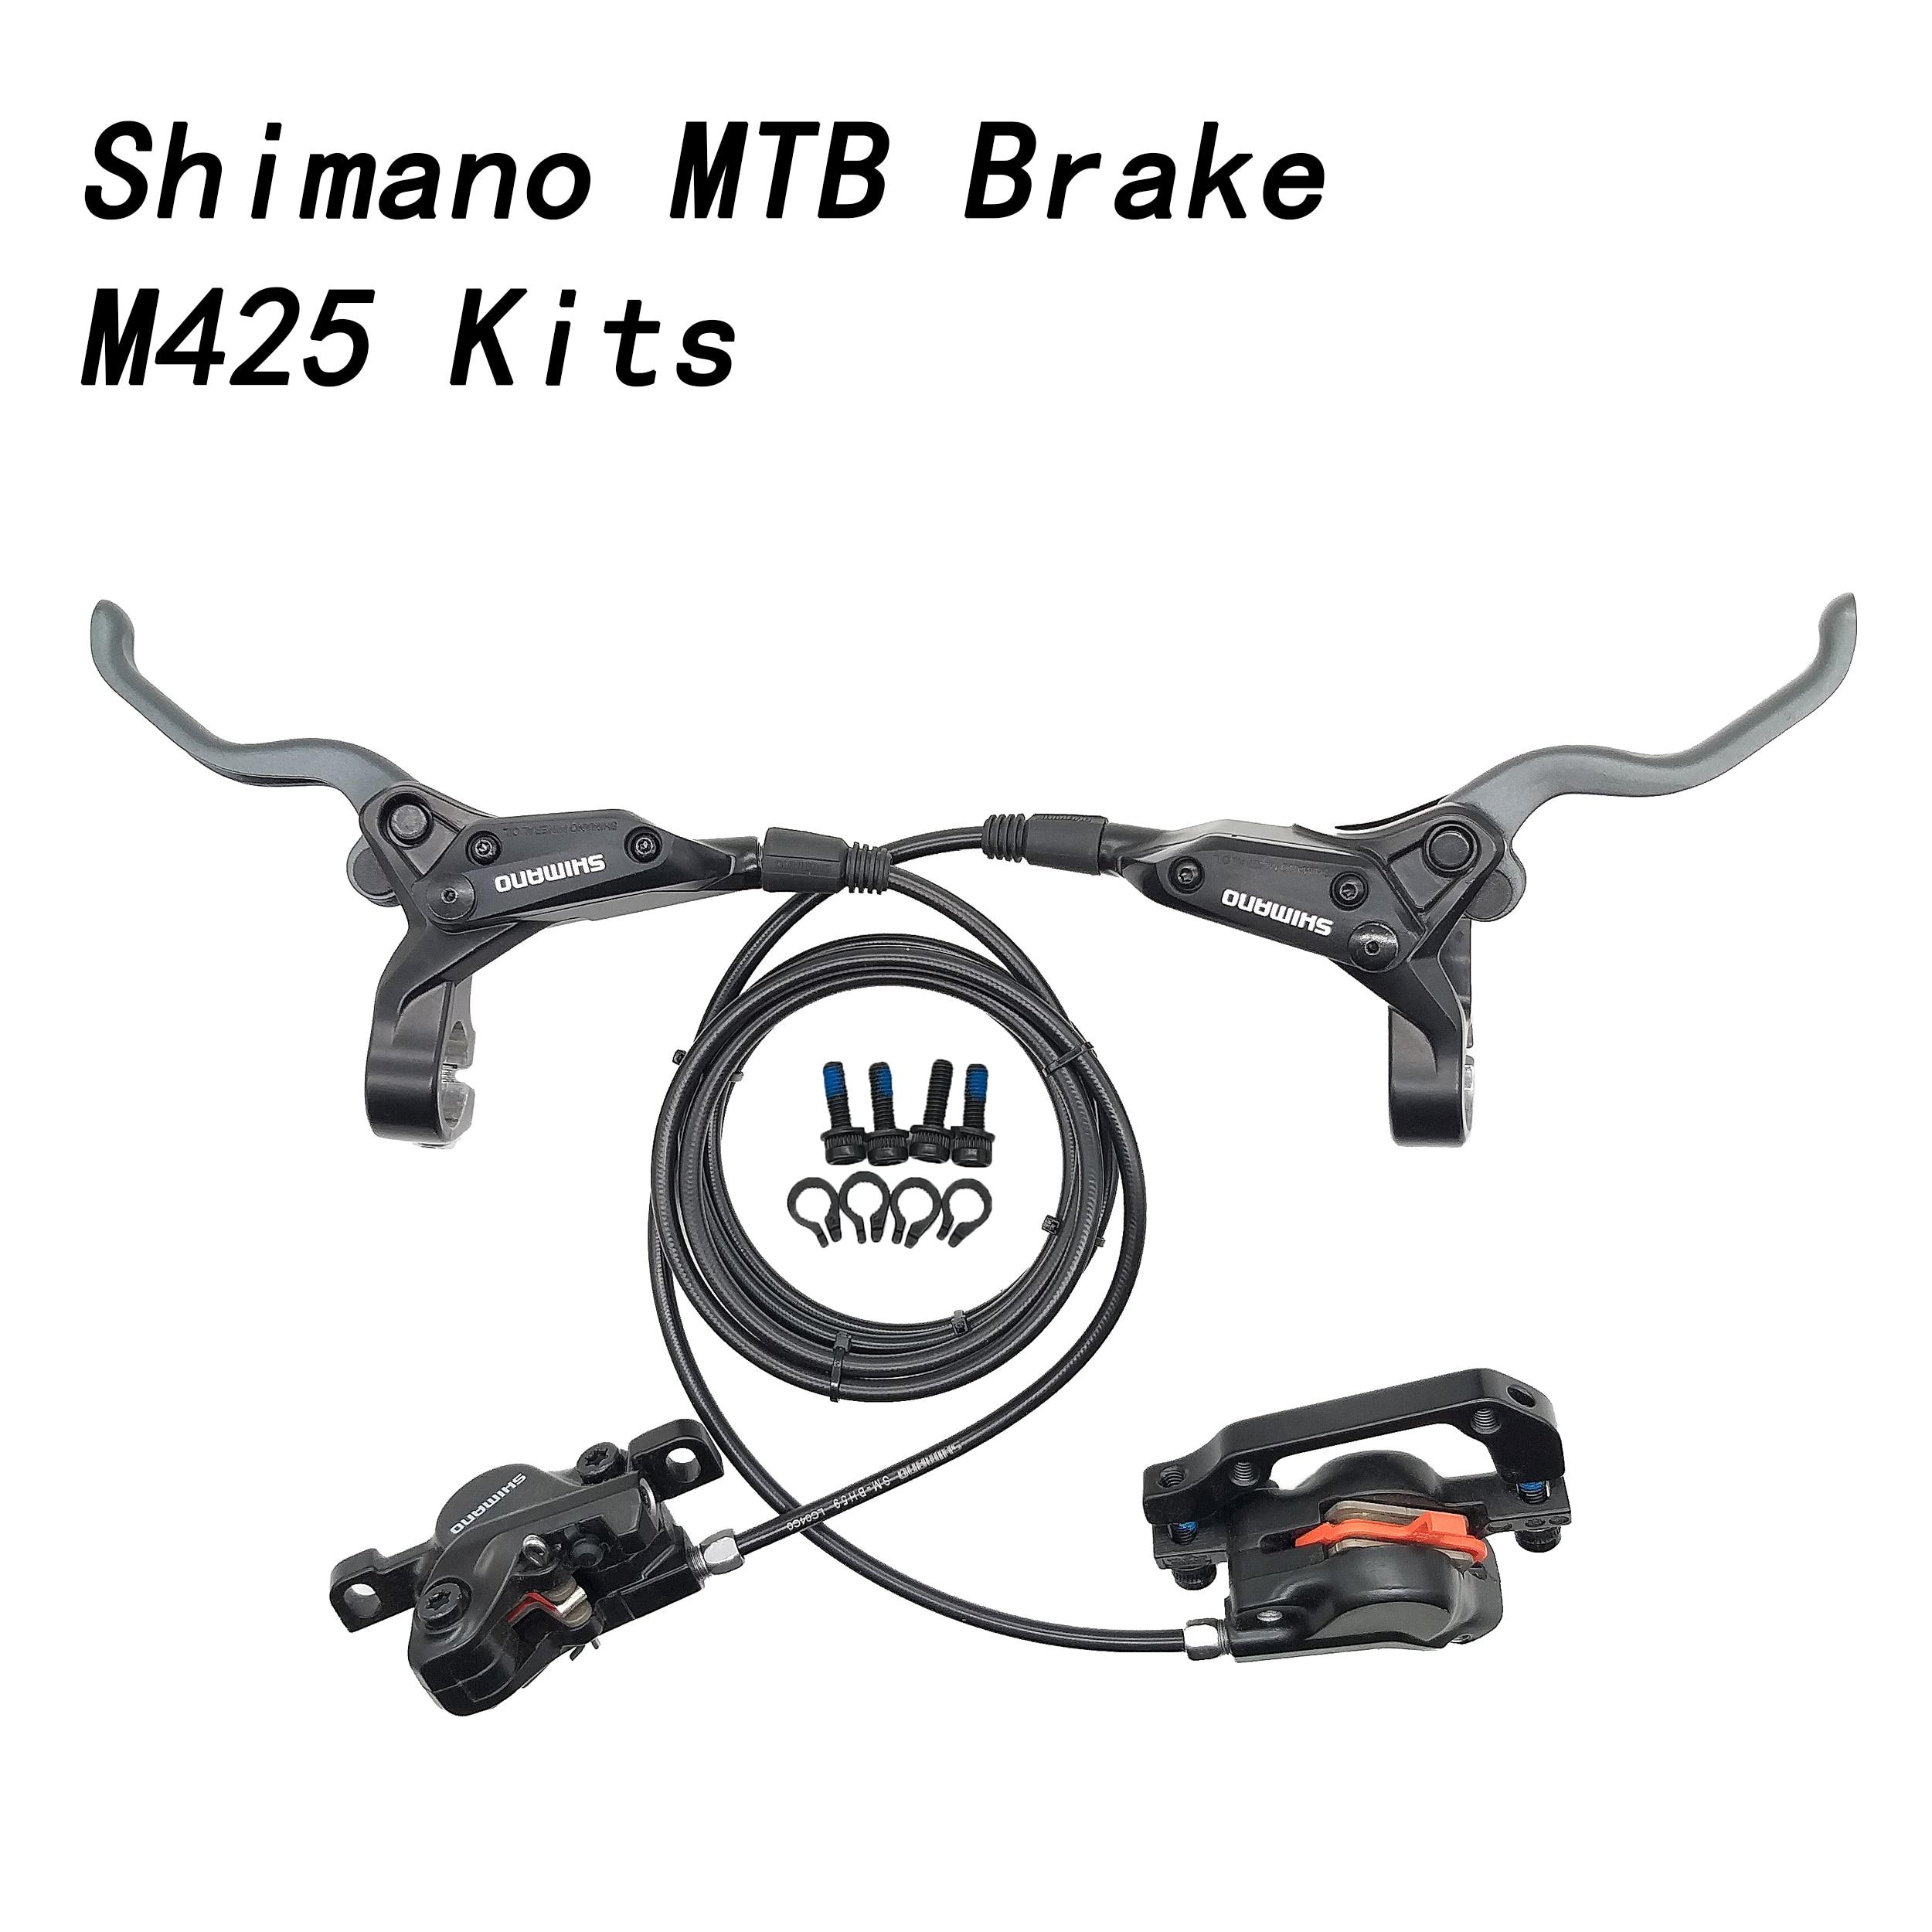 Shimano alivio disco de freio hidráulico, kit de freio com braçadeira m4000 m425, BL M425, BR M395, mtb, mtb, m396 m445|Freio da bicicleta|   - AliExpress